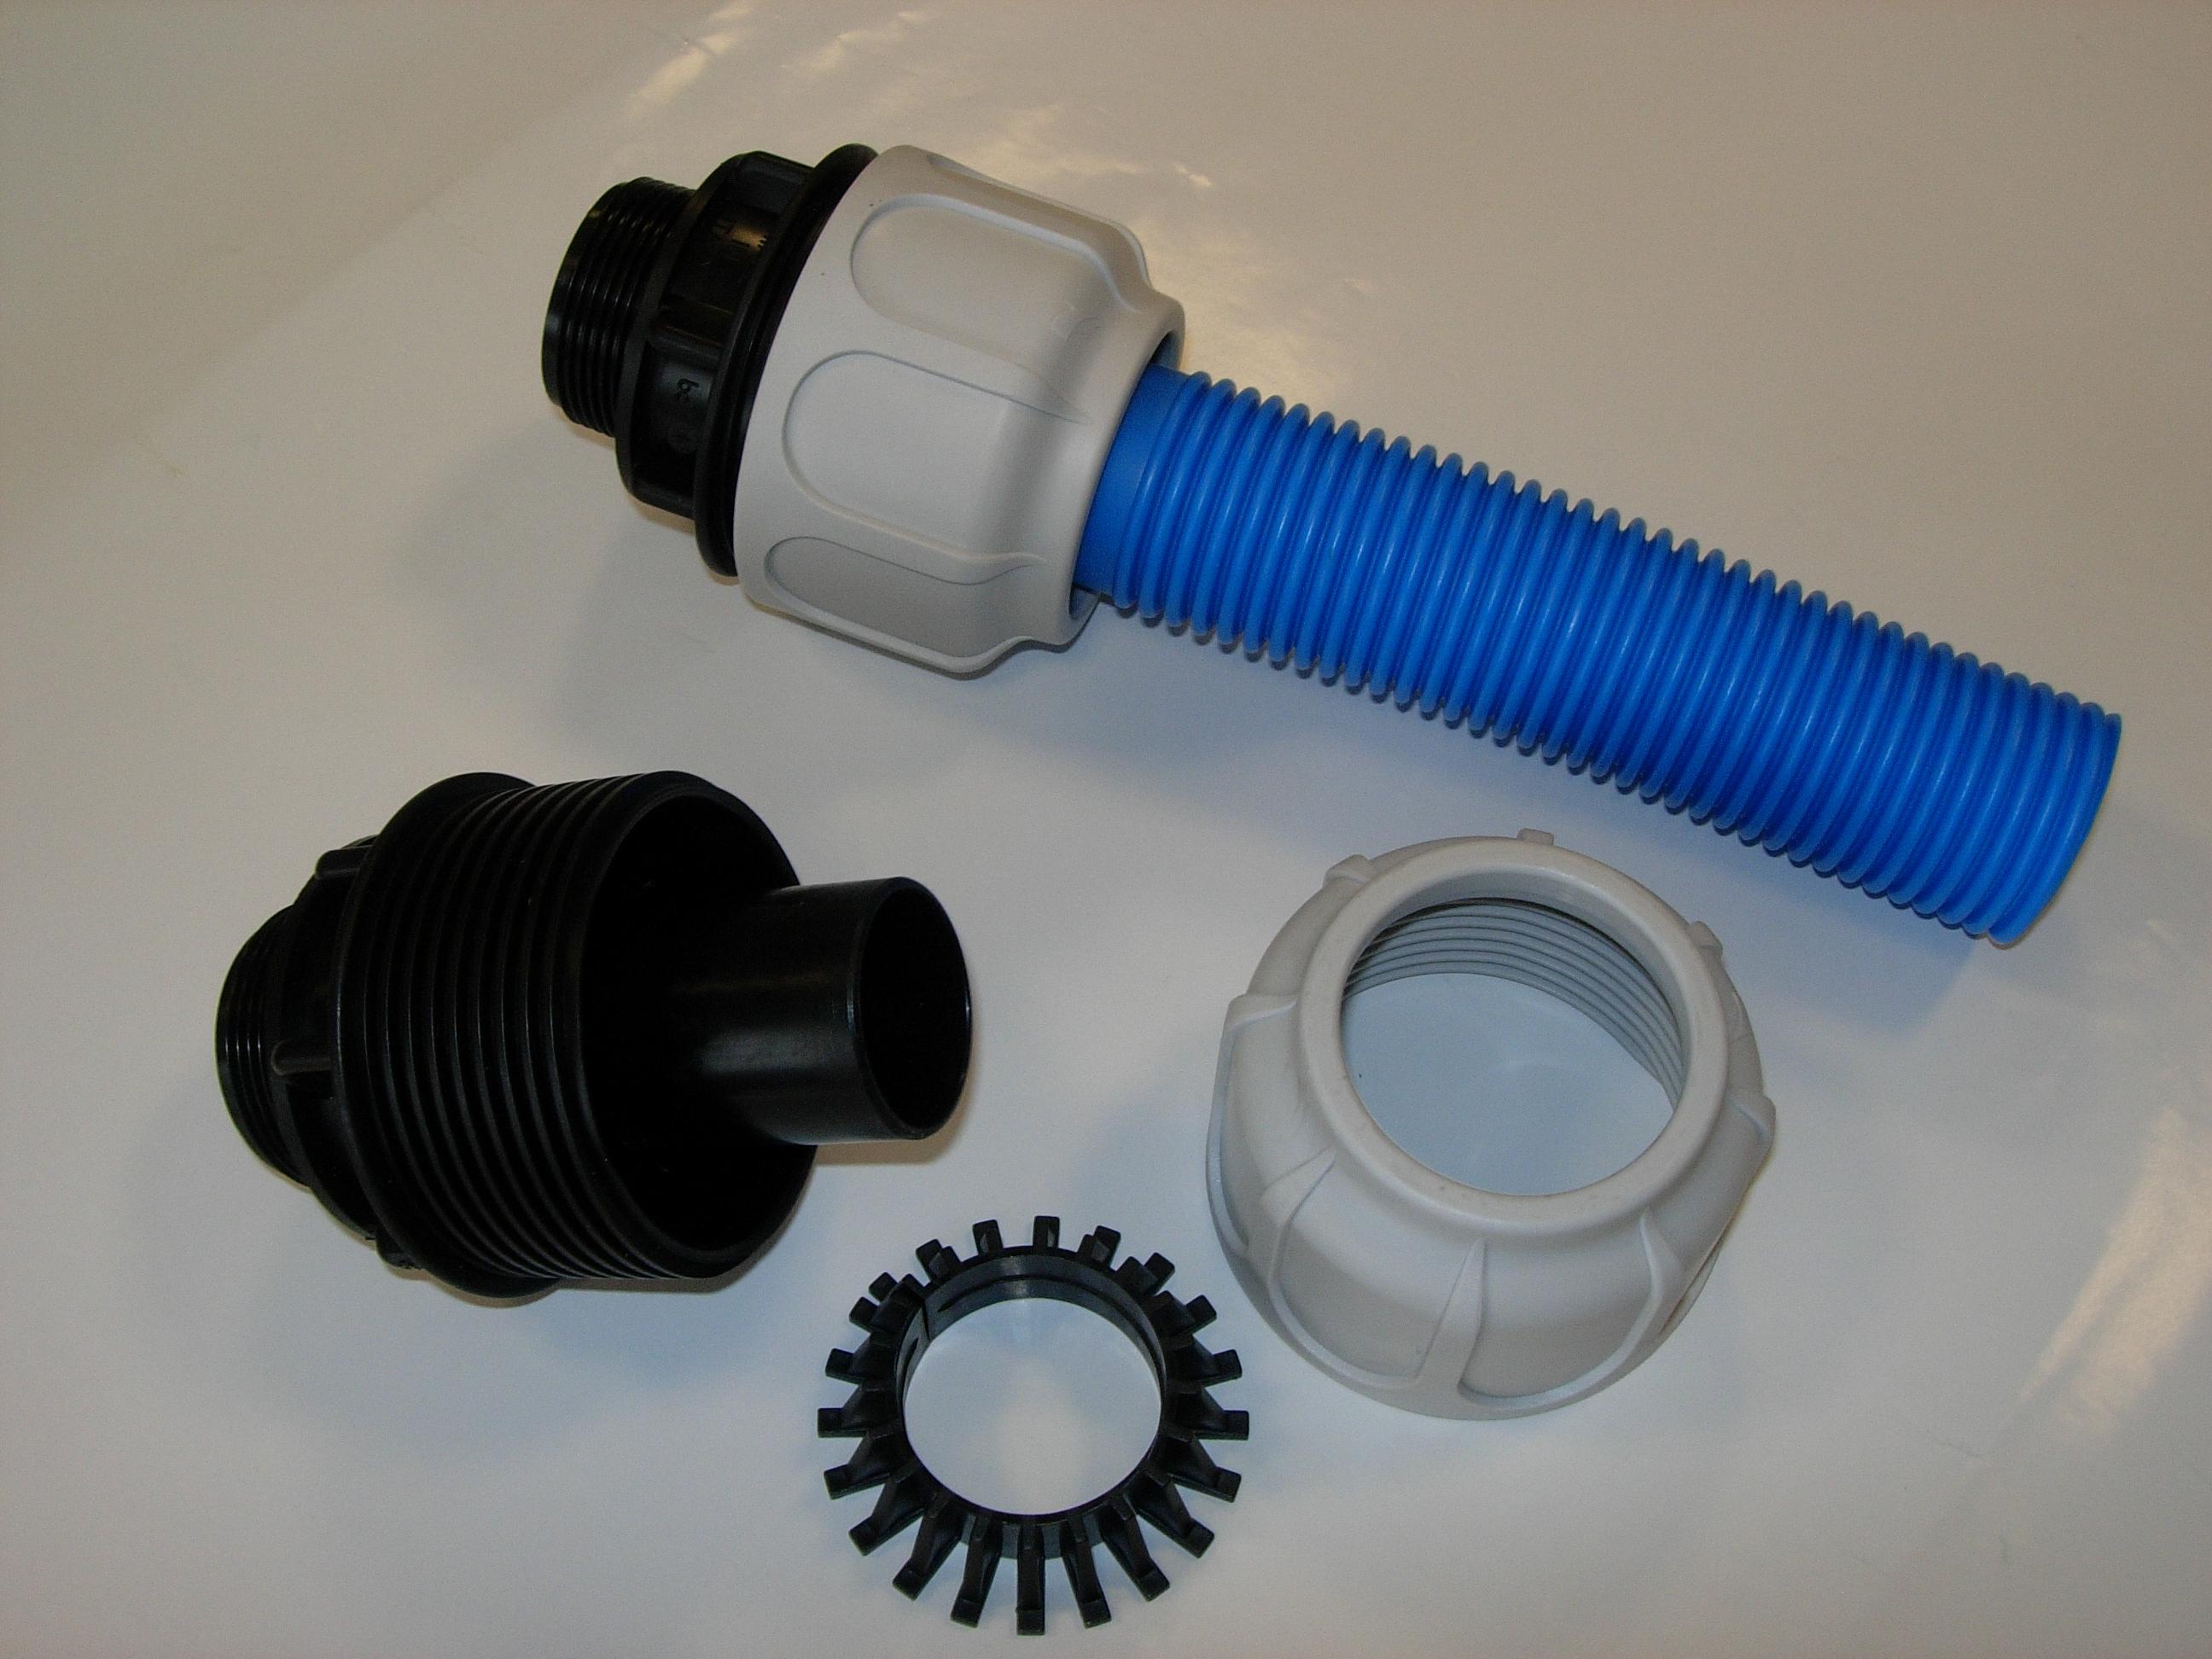 Raccordo tubo piscina a compressione